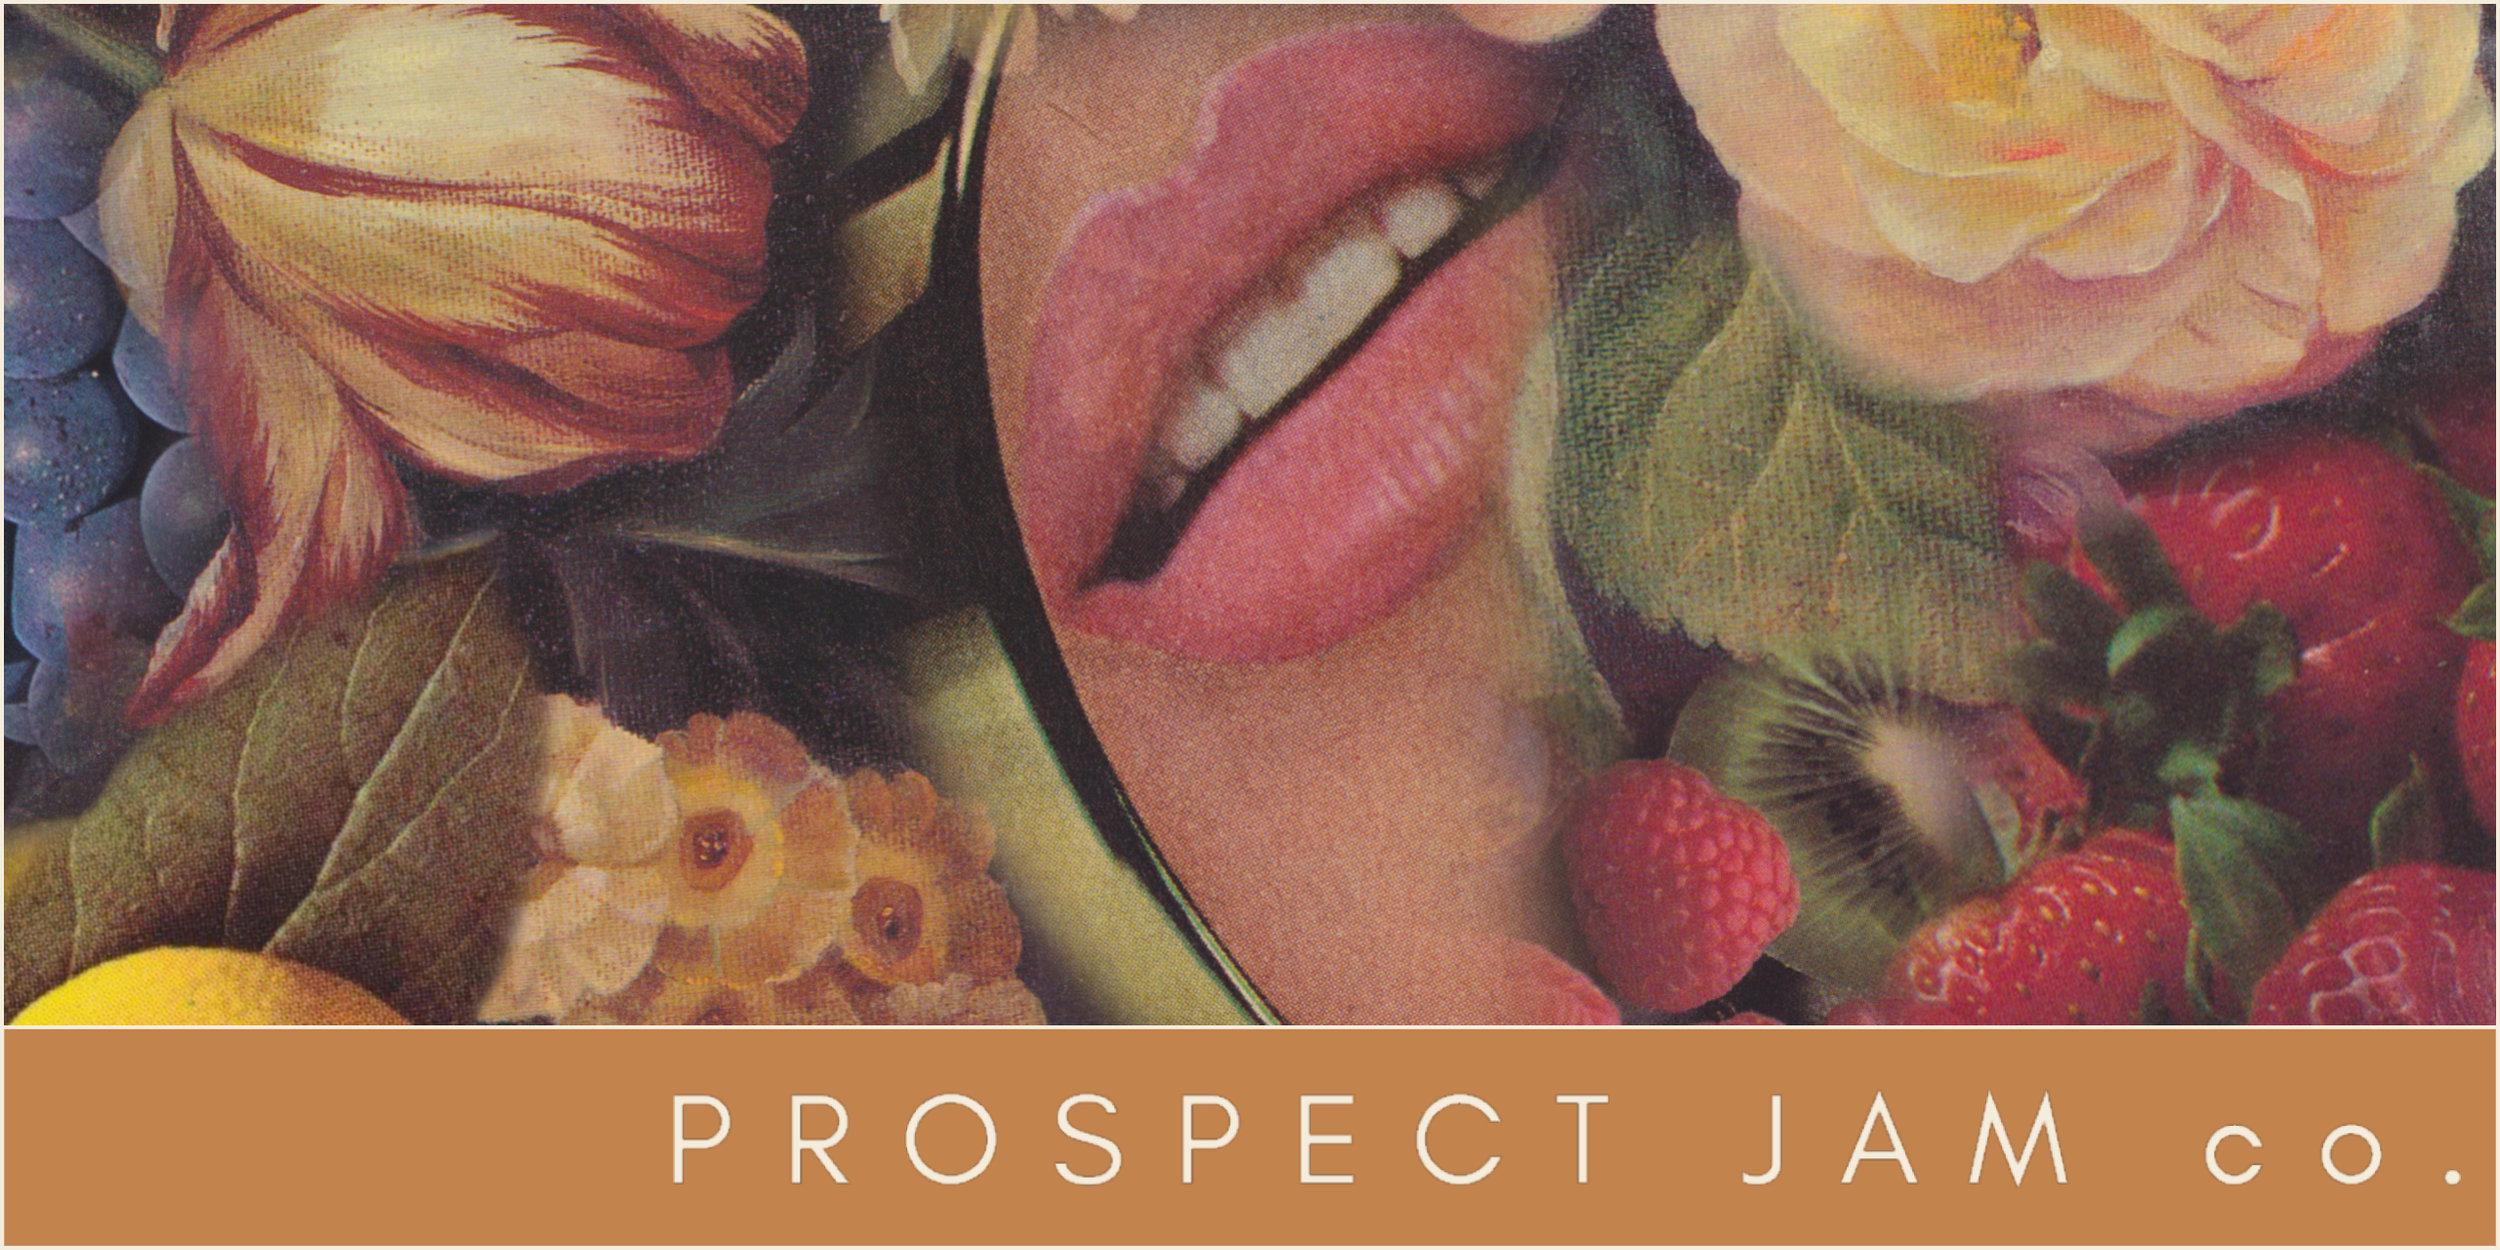 PROSPECT_JAM_co.jpg